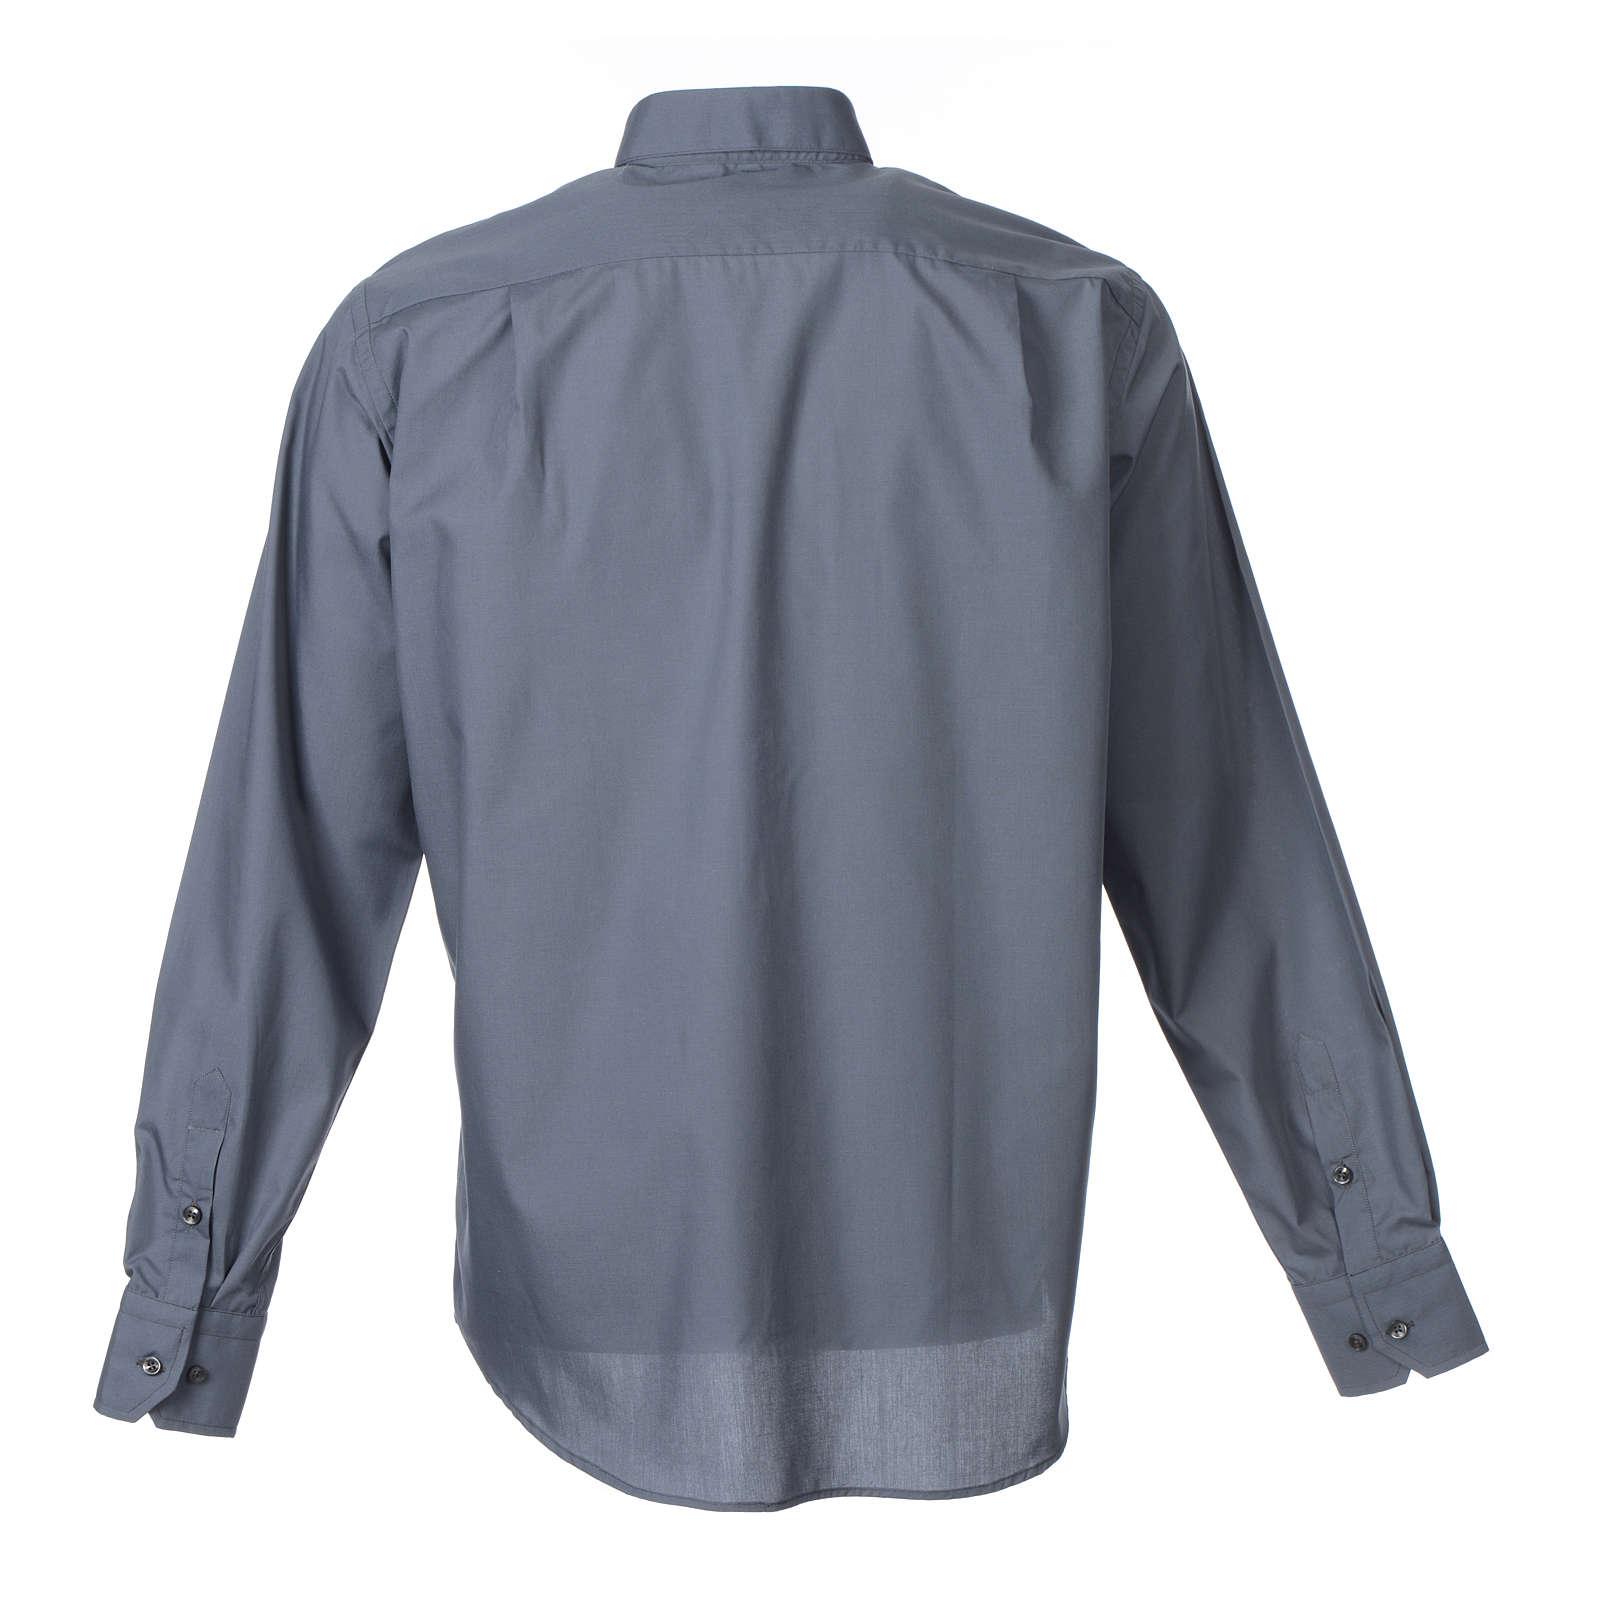 Collarhemd mit Langarm aus Baumwoll-Polyester-Mischgewebe in der Farbe Dunkelgrau 4